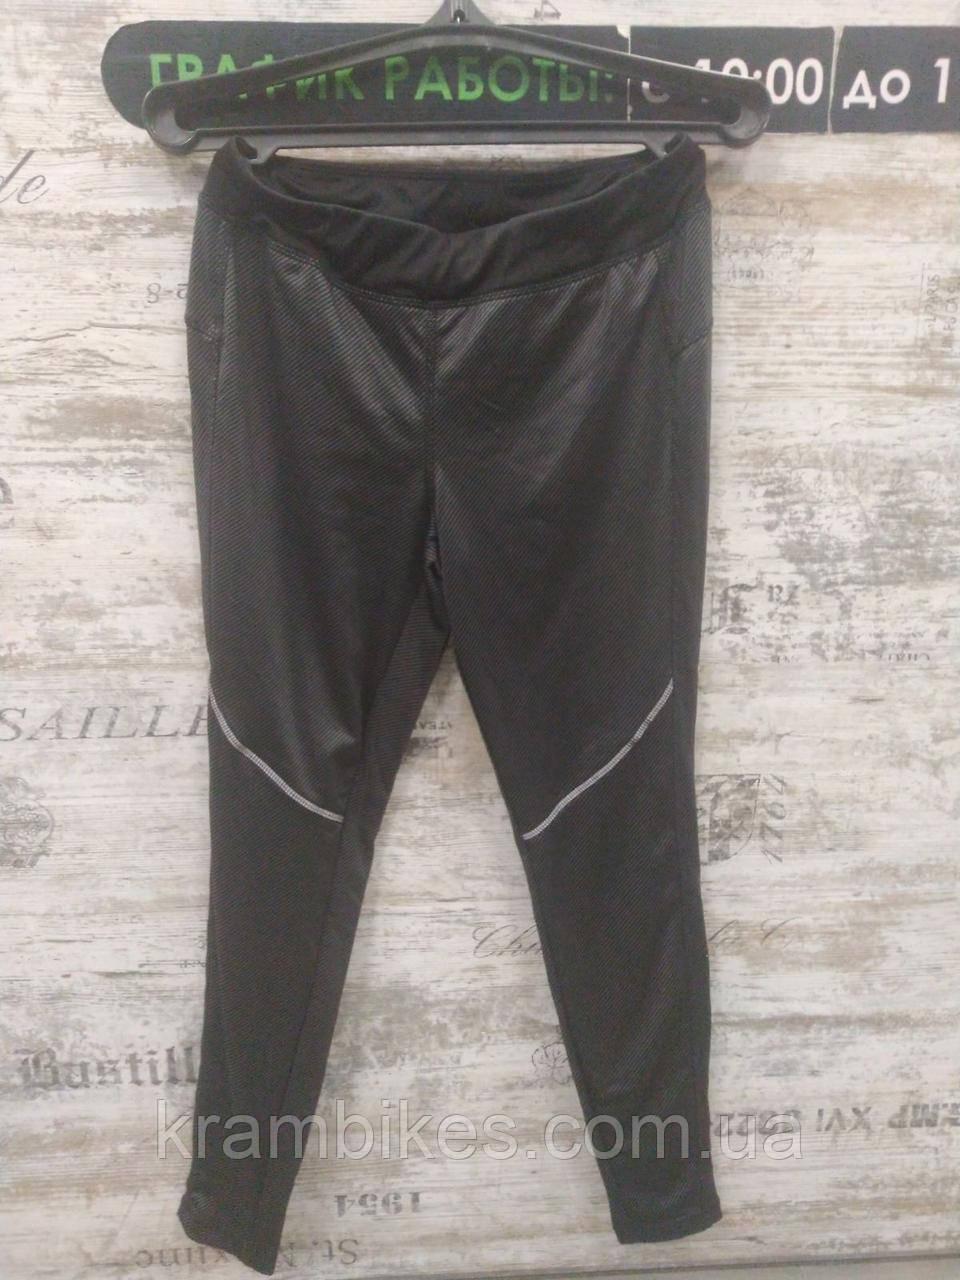 Велоштаны Crivit Sports - размер S, Чёрный/Серый